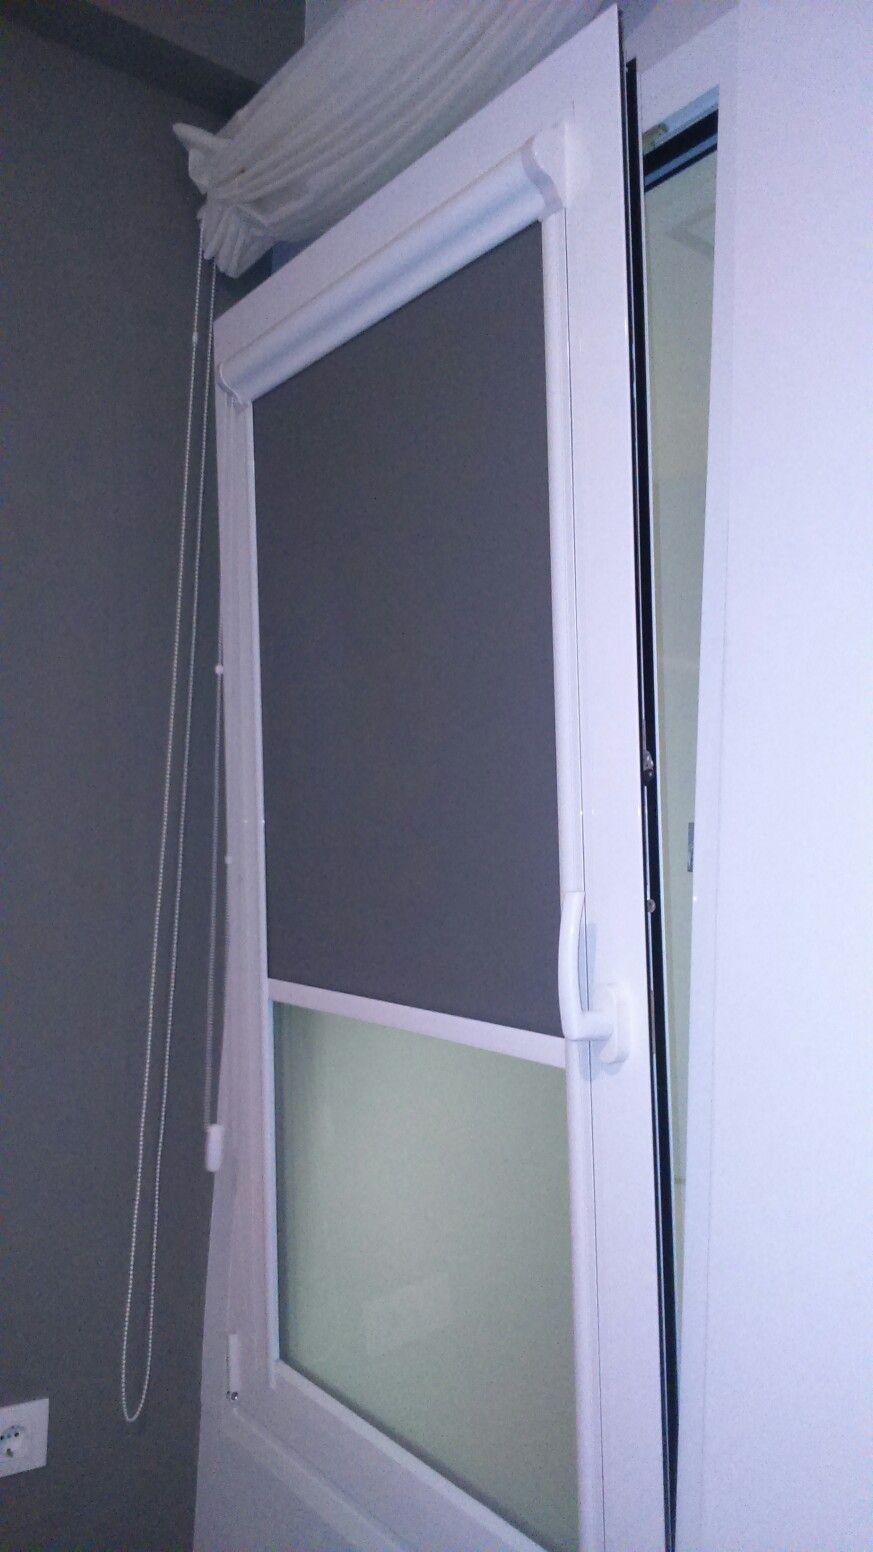 estor integrado en ventana